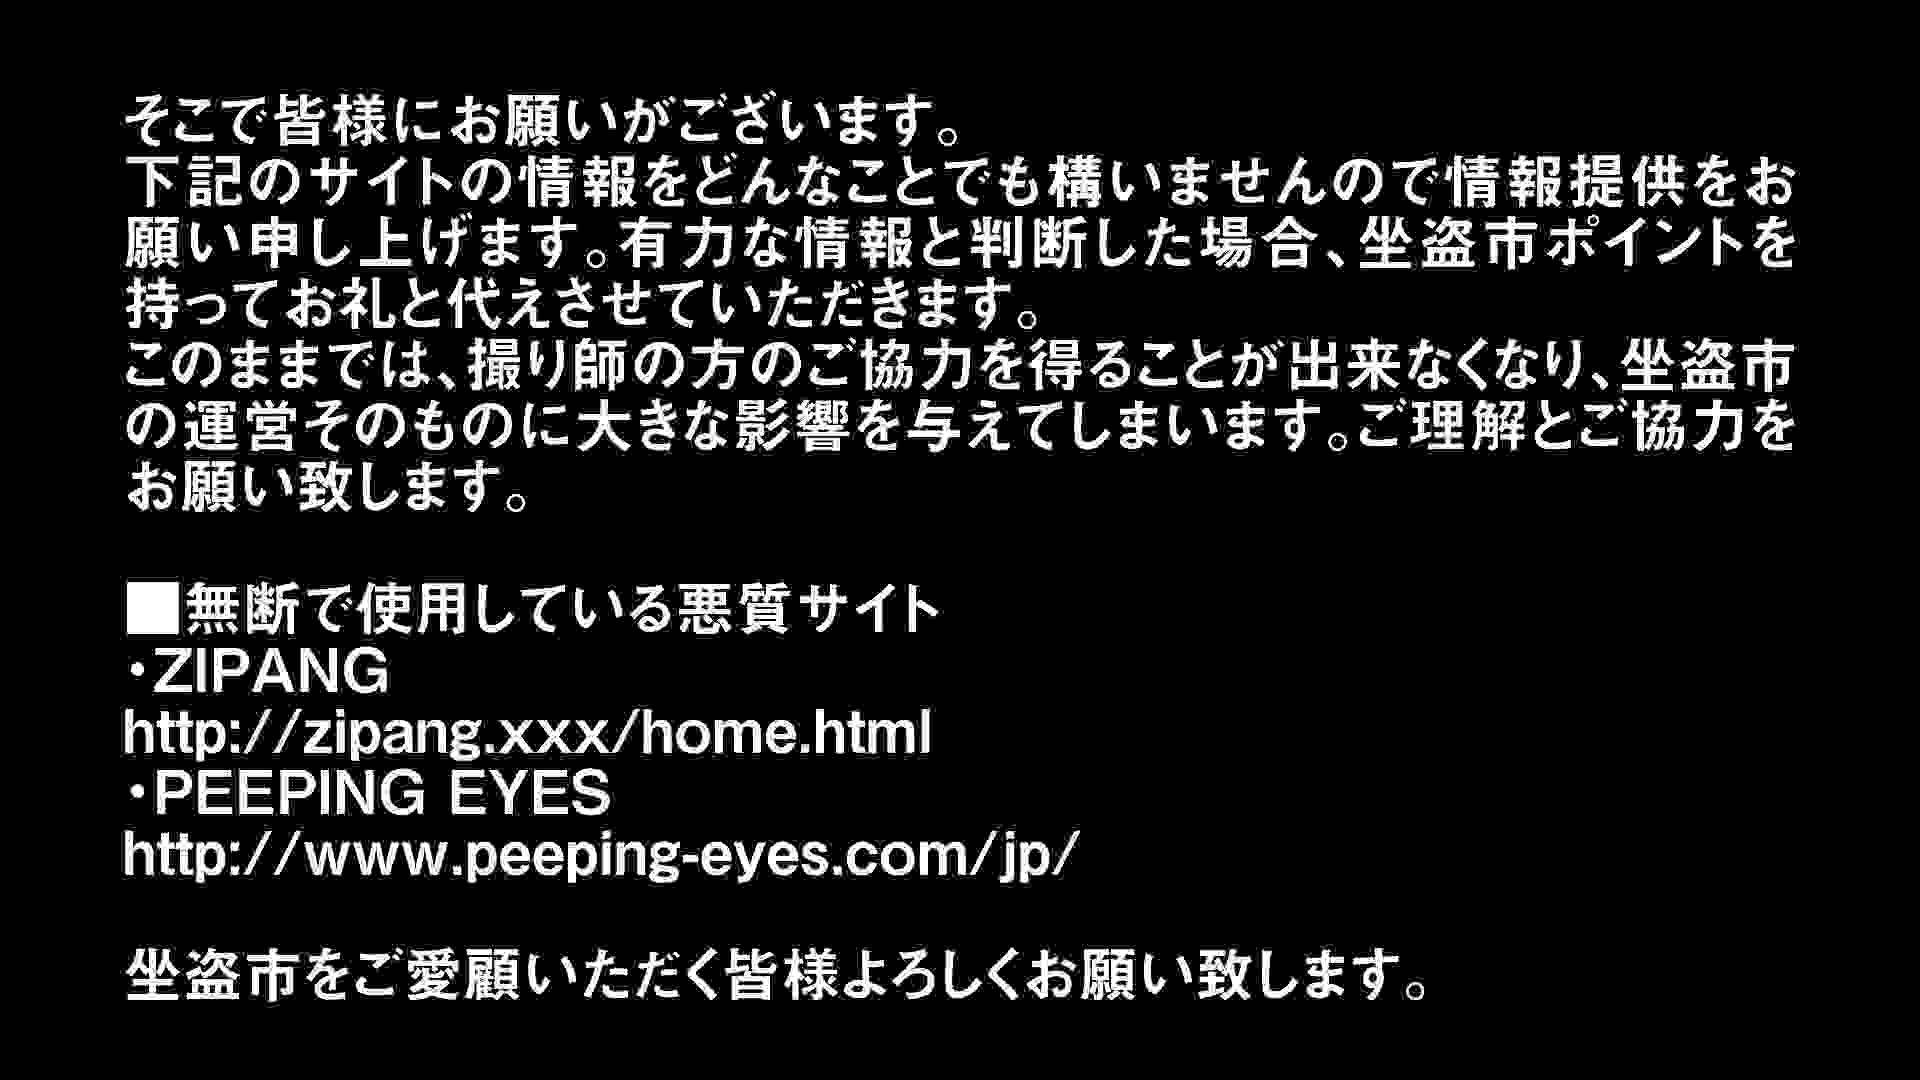 Aquaな露天風呂Vol.297 OLエロ画像 | 盗撮  99PICs 46